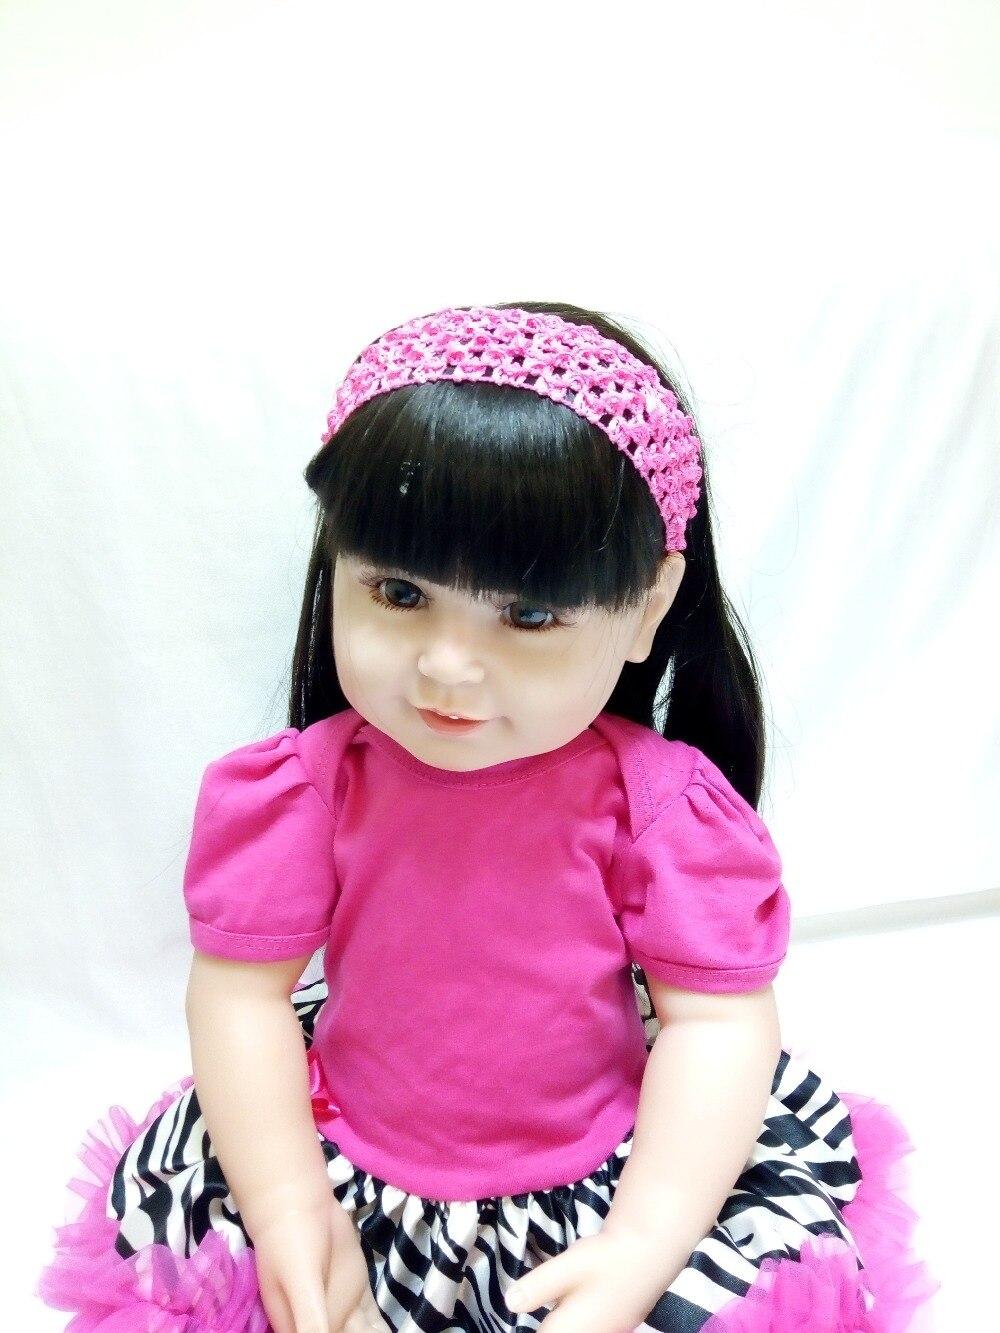 Muñecas de bebés renacidos de silicona rosa vestido de vinilo rojo - Muñecas y accesorios - foto 3